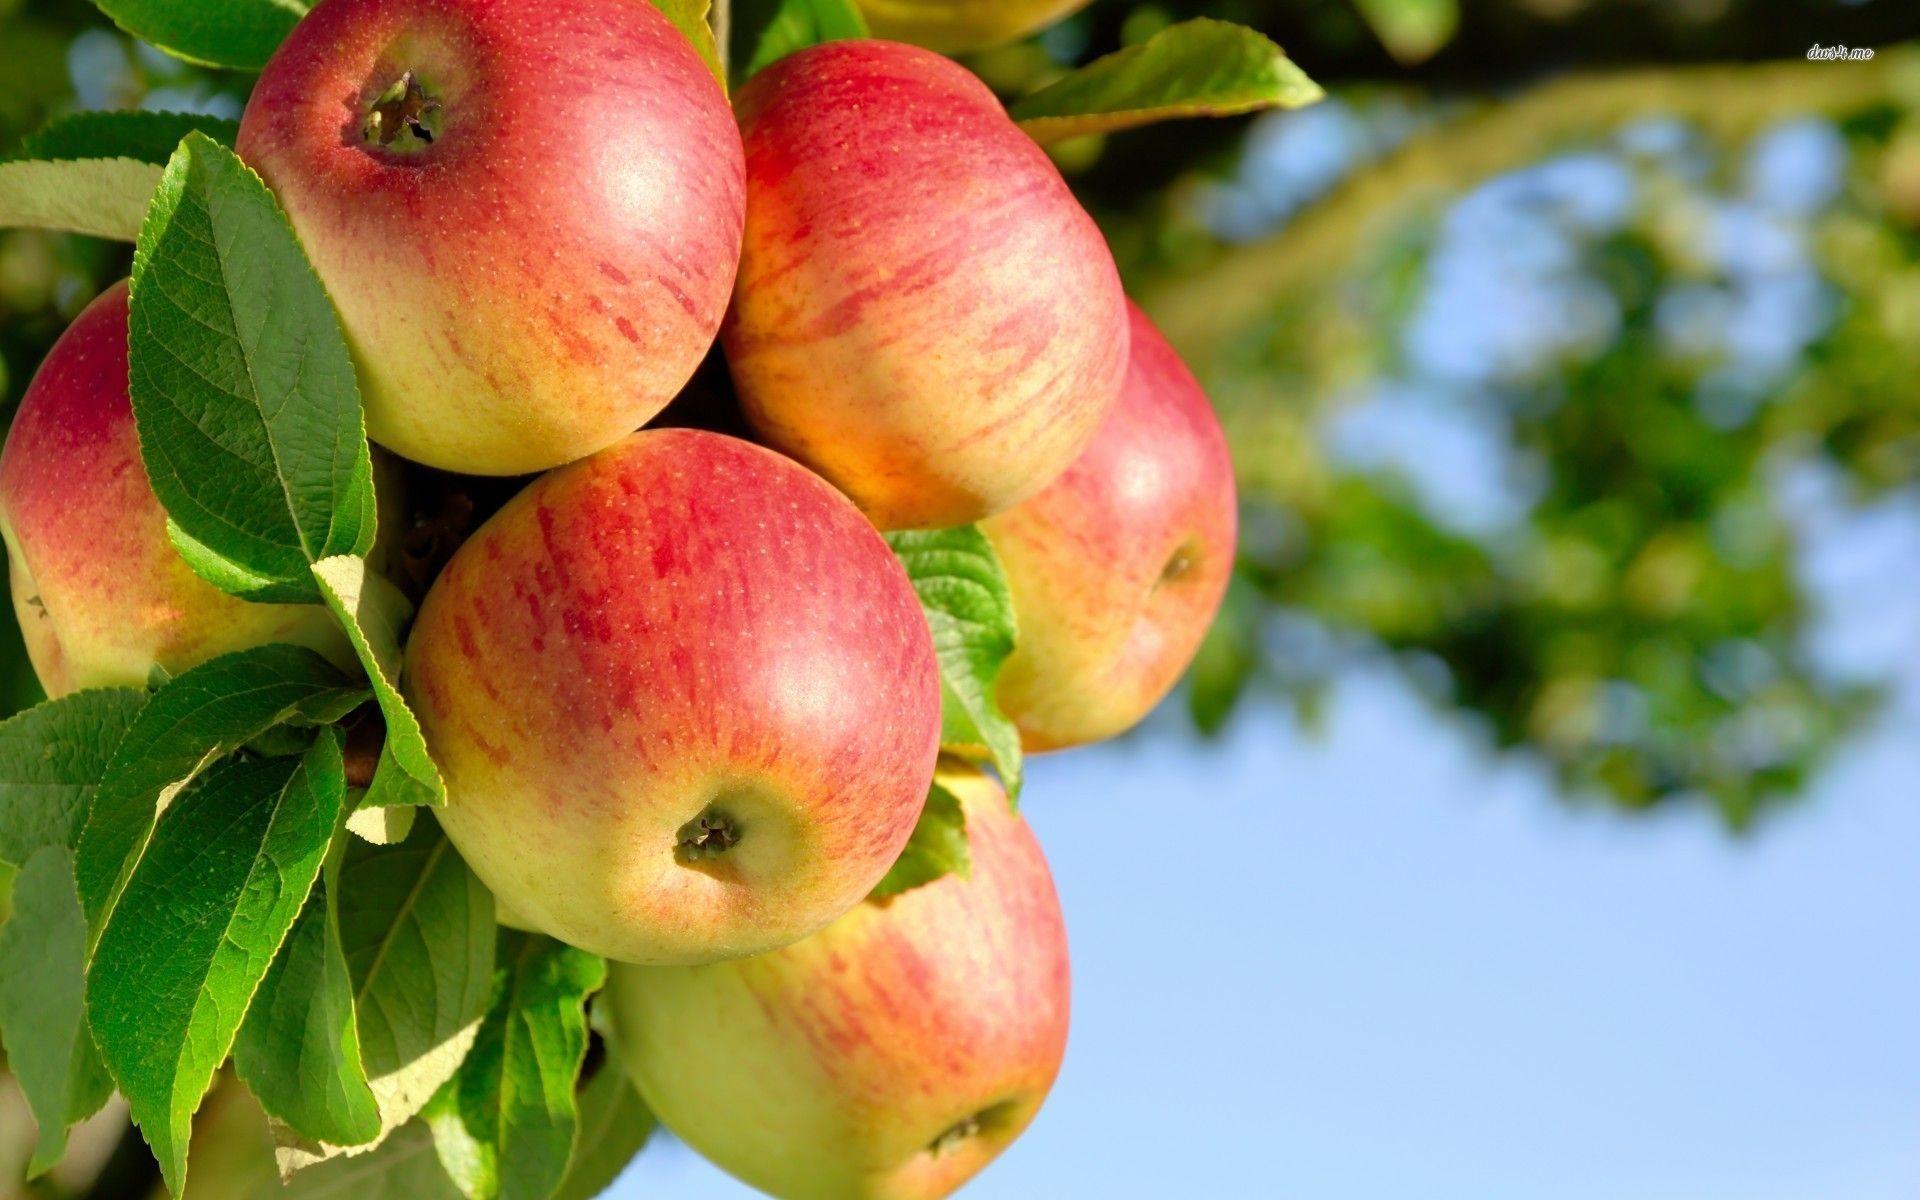 Fruit apple wallpaper - Apple Tree Wallpapers Full Hd Wallpaper Search